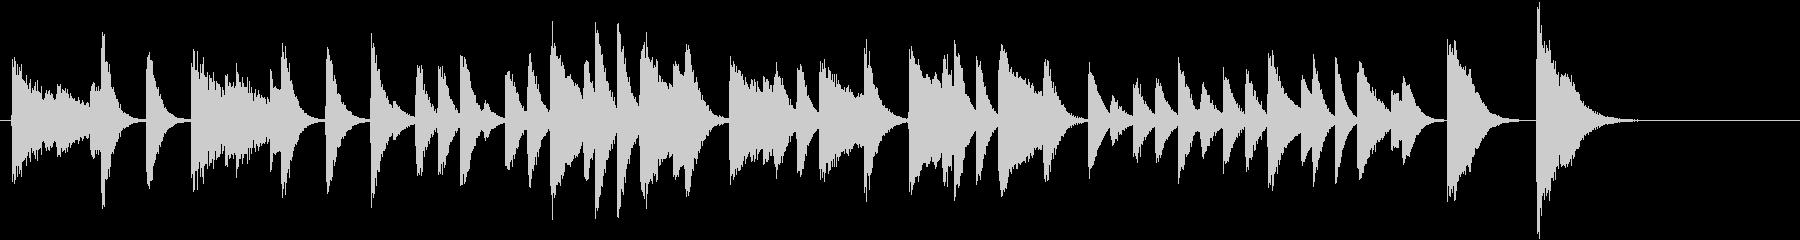 童謡・雪モチーフの冬のピアノジングルAの未再生の波形